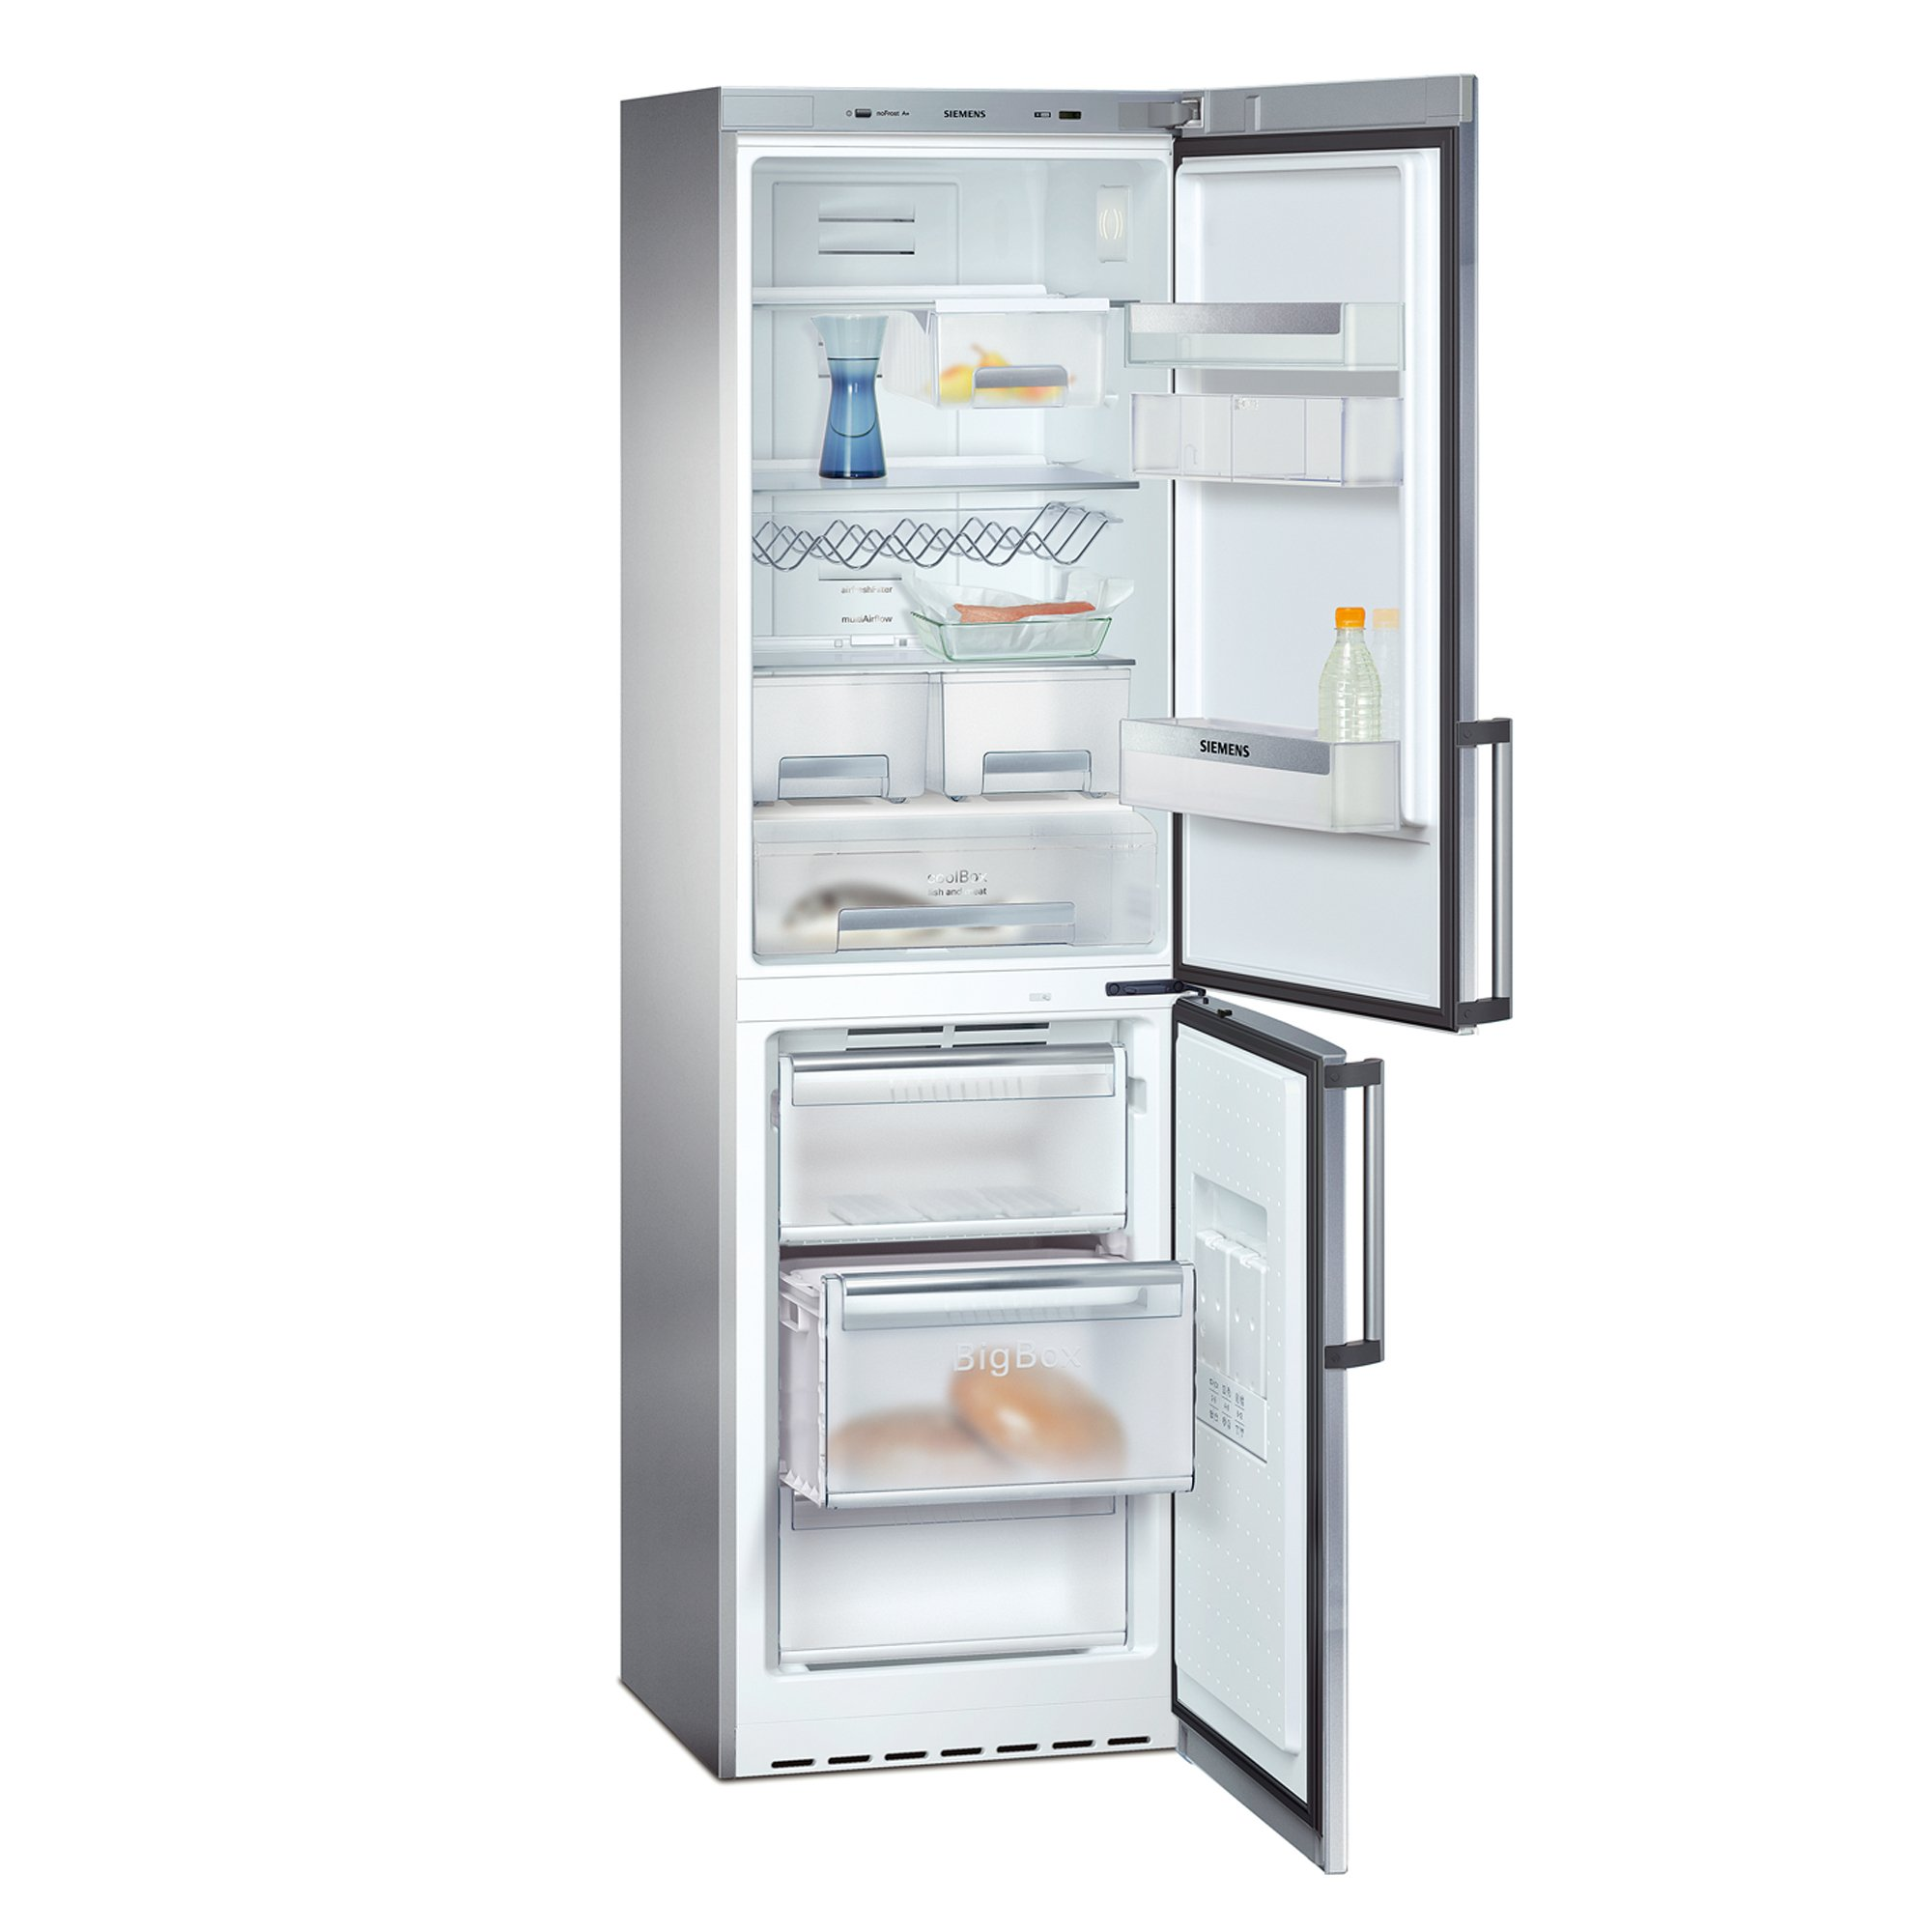 Siemens KG39NA74 Refrigerator nevera y congelador Independiente ...